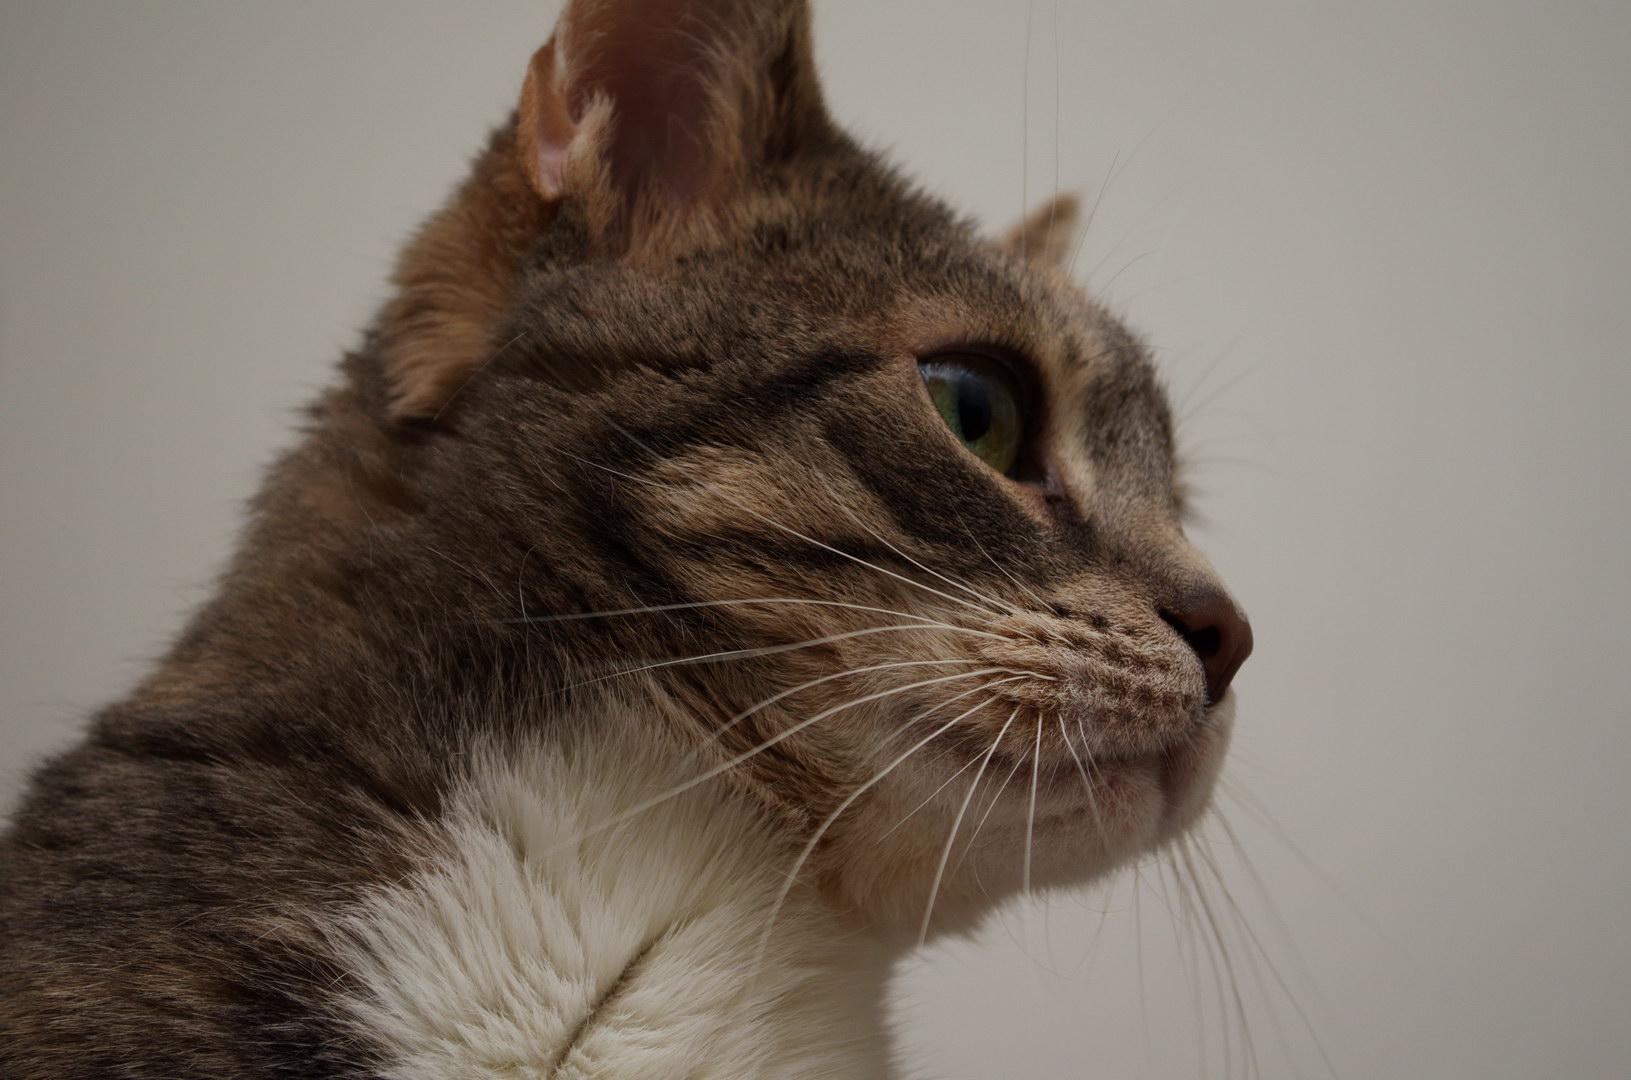 Katze Porträt schräg unten